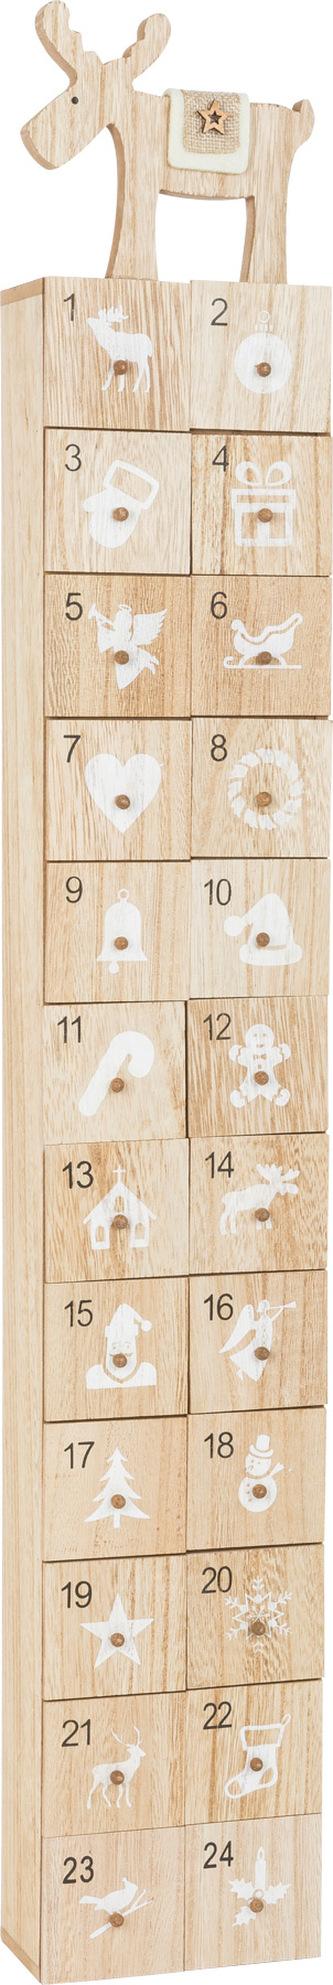 Small Foot Adventní kalendář se sobem